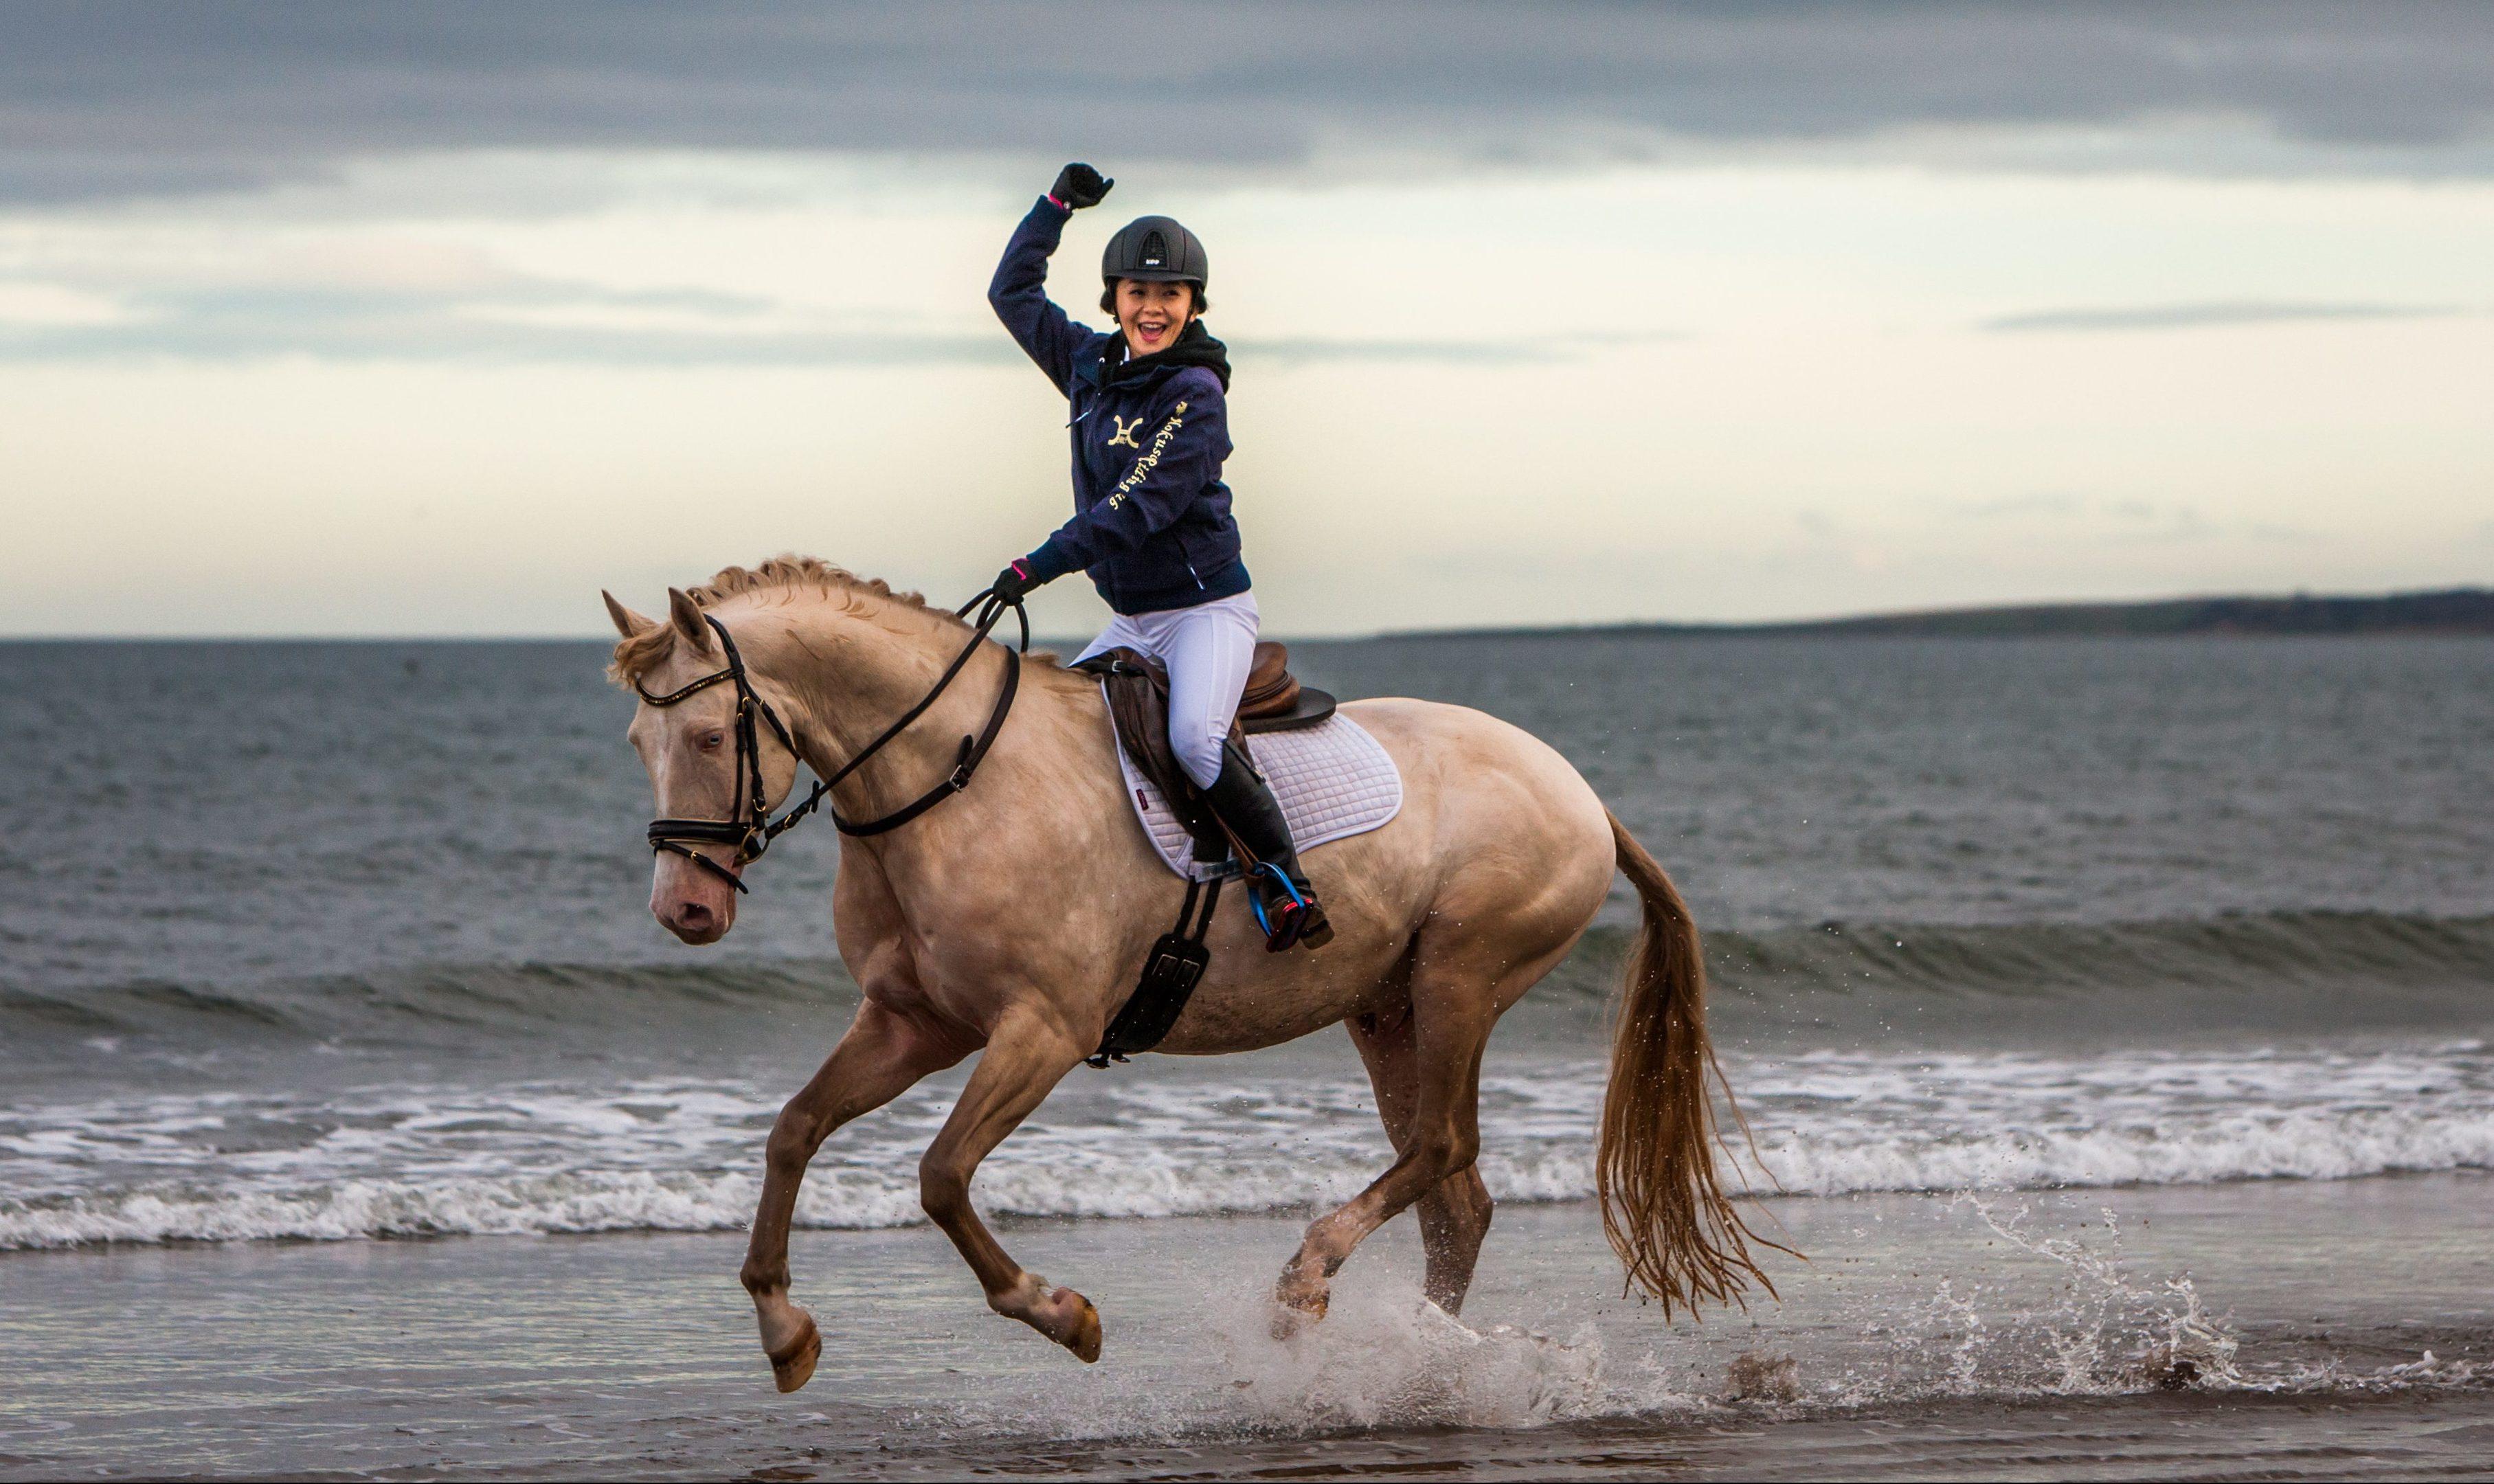 Tomomi Kahara rides Kambarbay along the West Sands